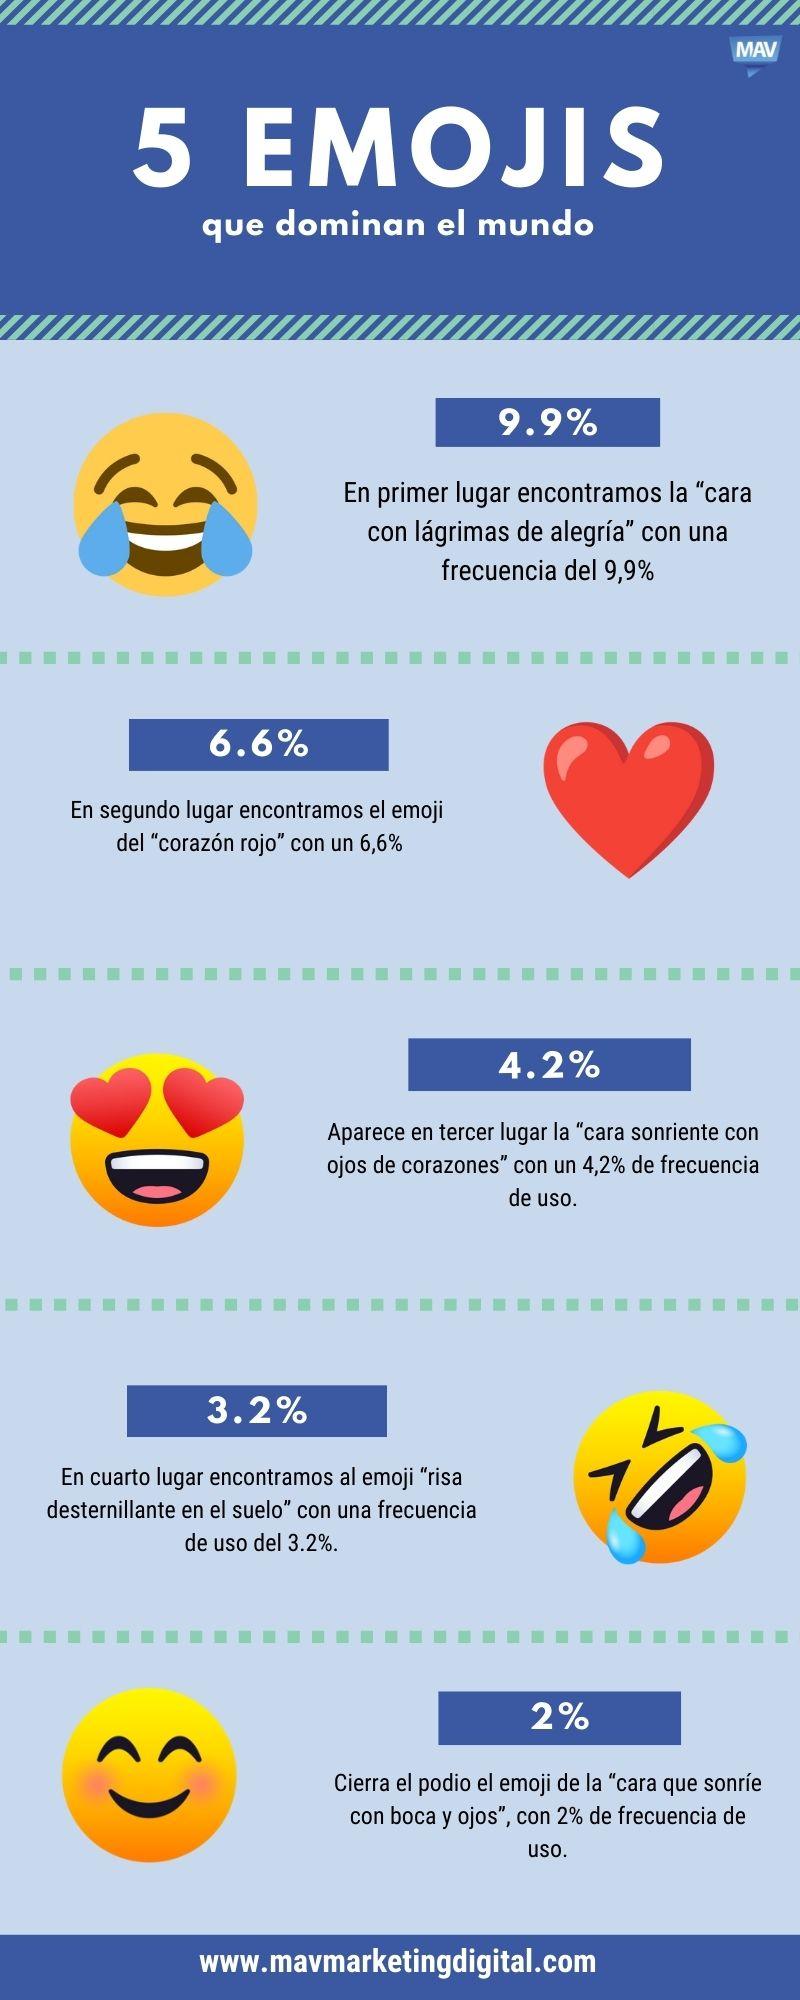 5 emojis que dominan el mundo